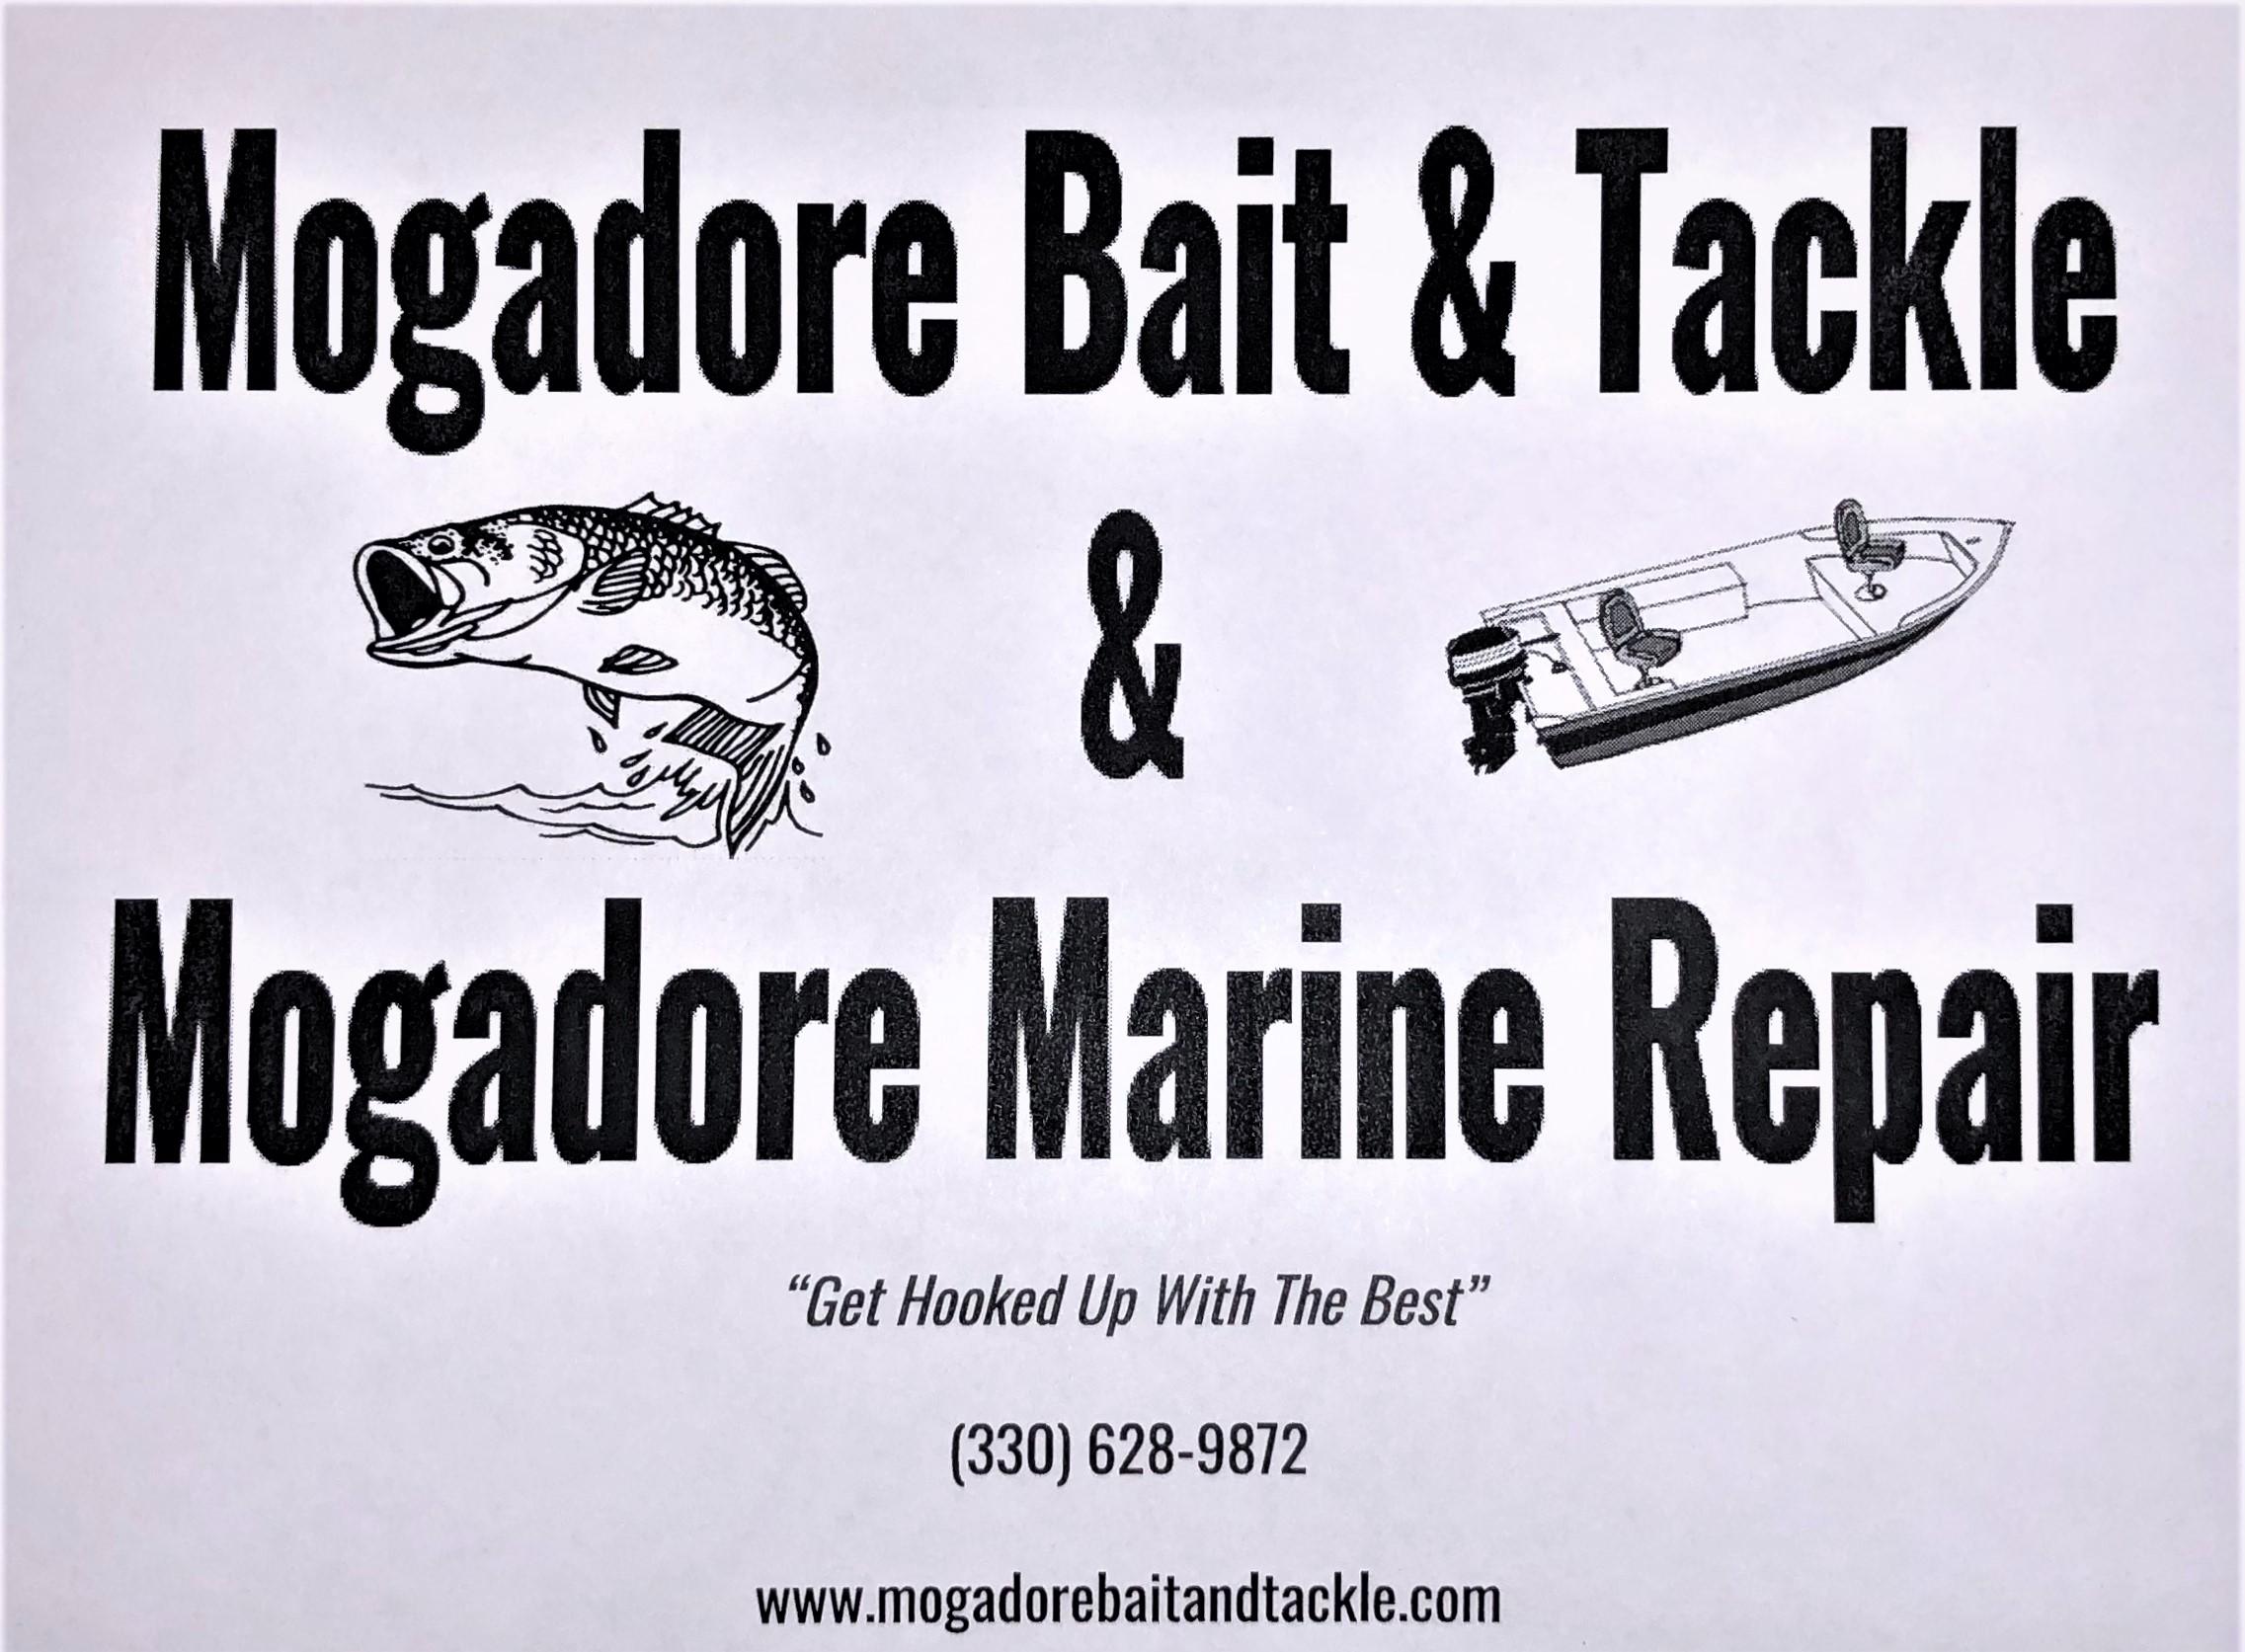 Mogadore Bait & Tackle & Marine Repair